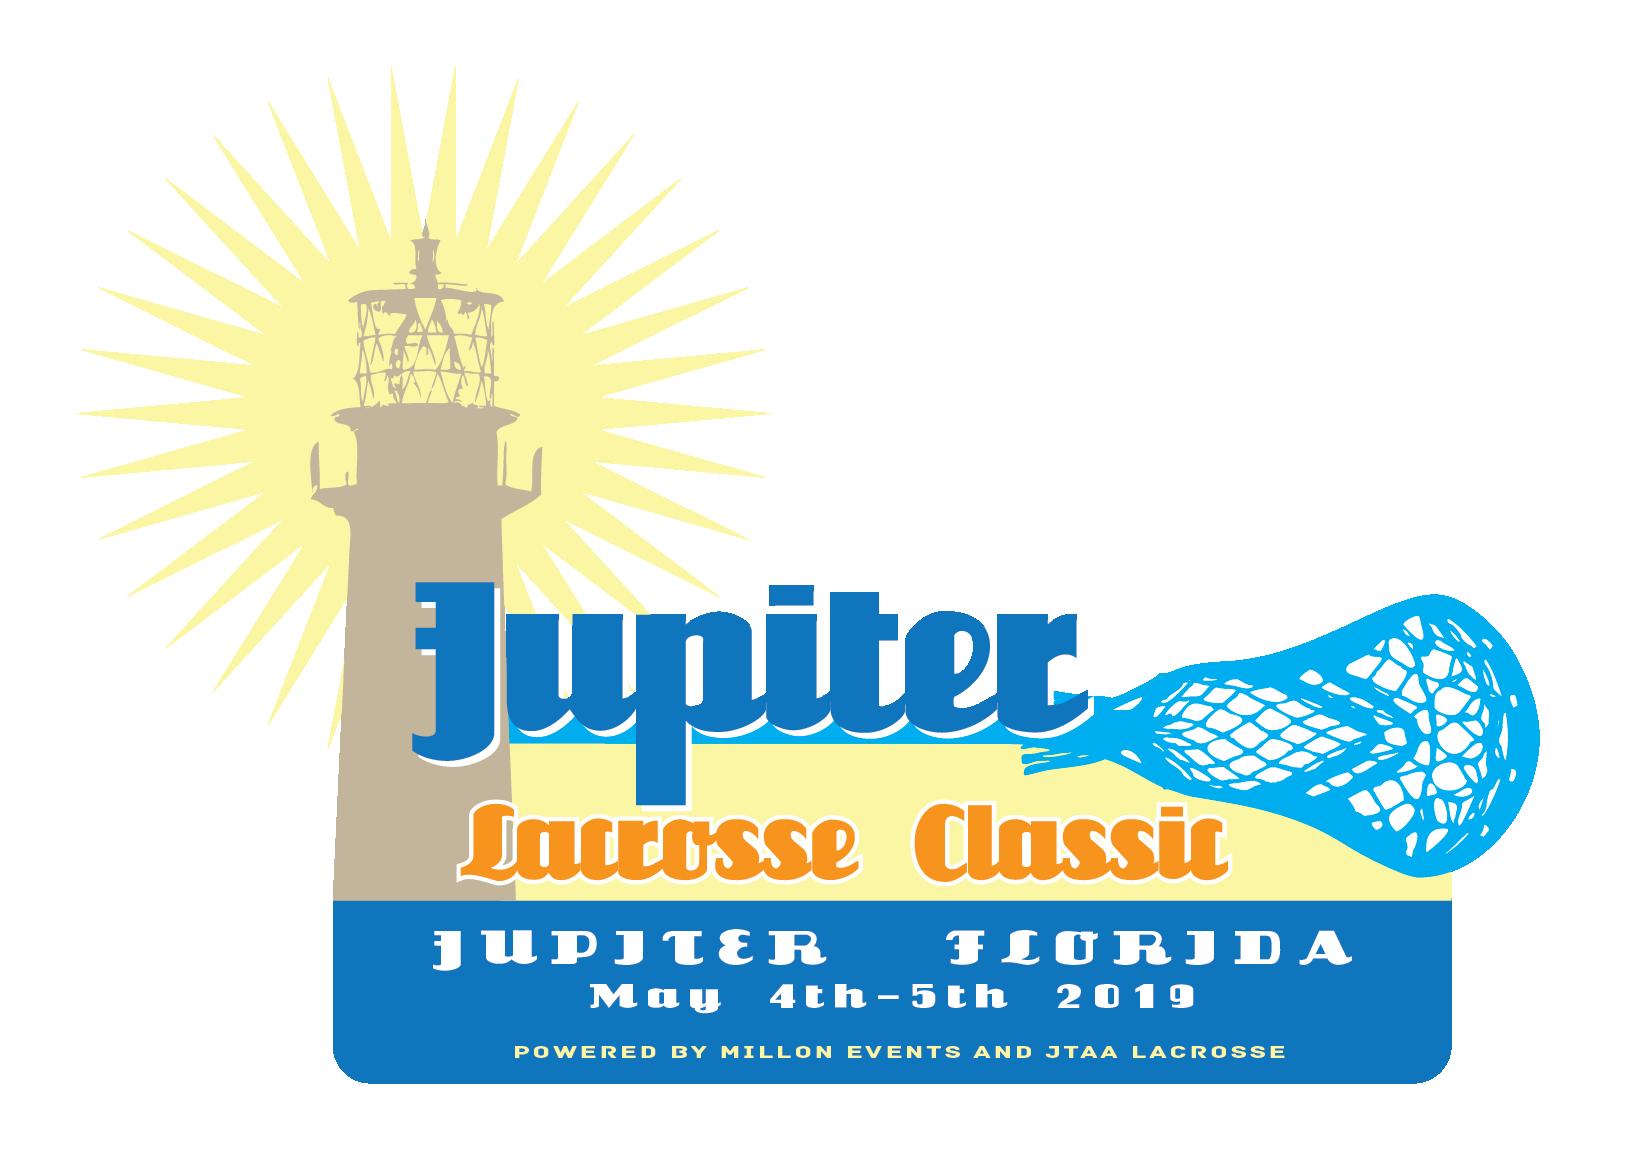 Jupiter Lacrosse Classic